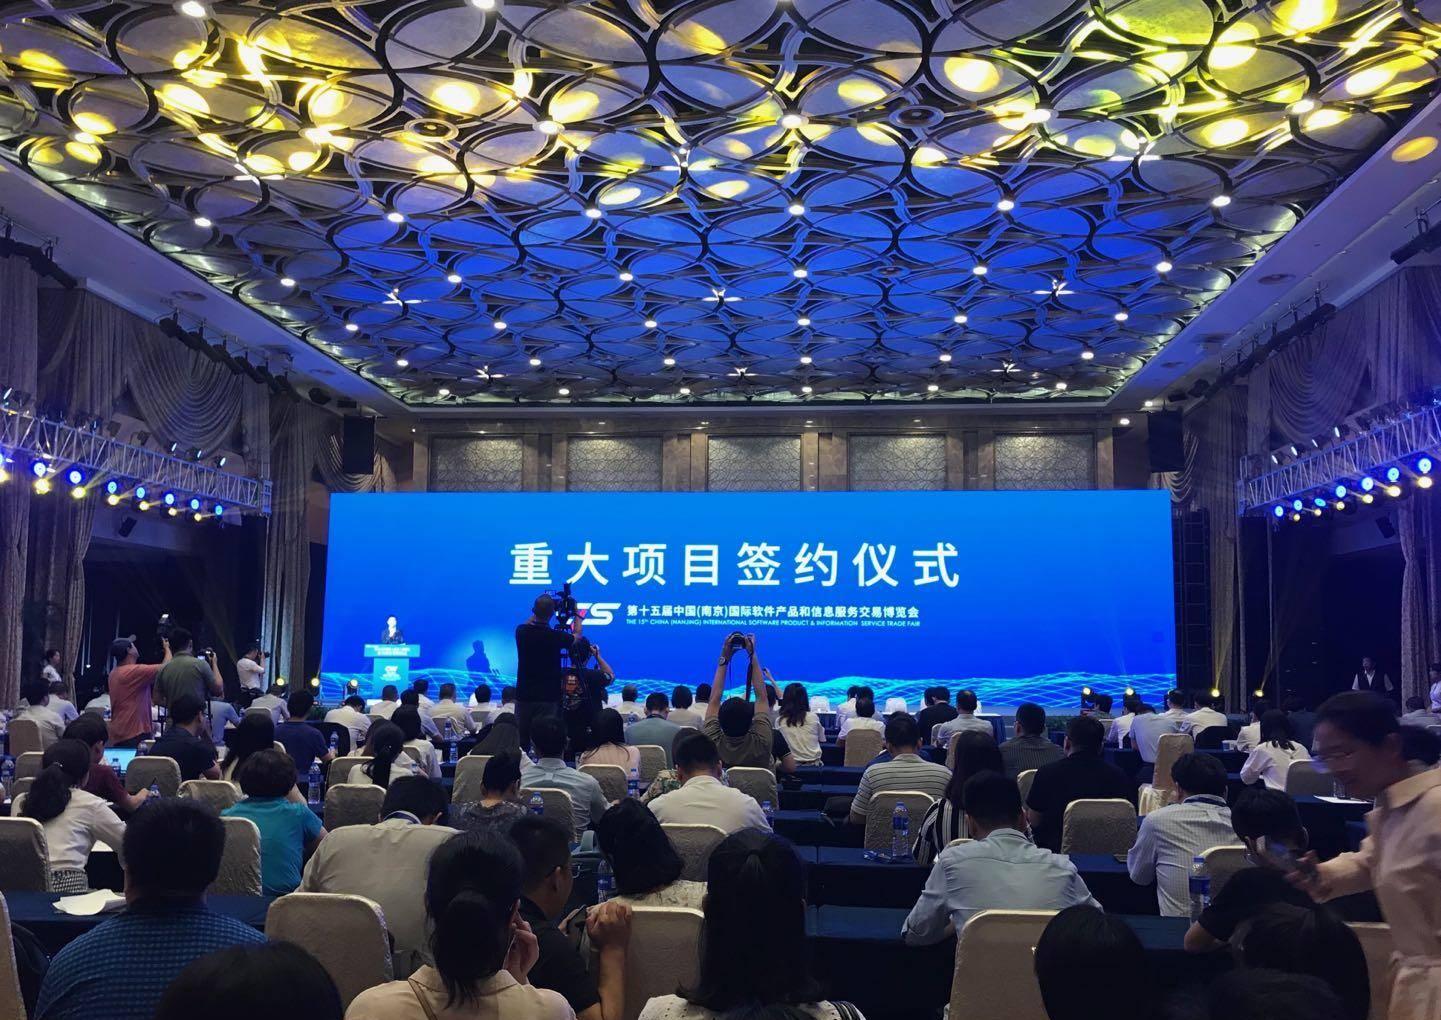 总投资340亿元!南京软博会81个重大项目落地